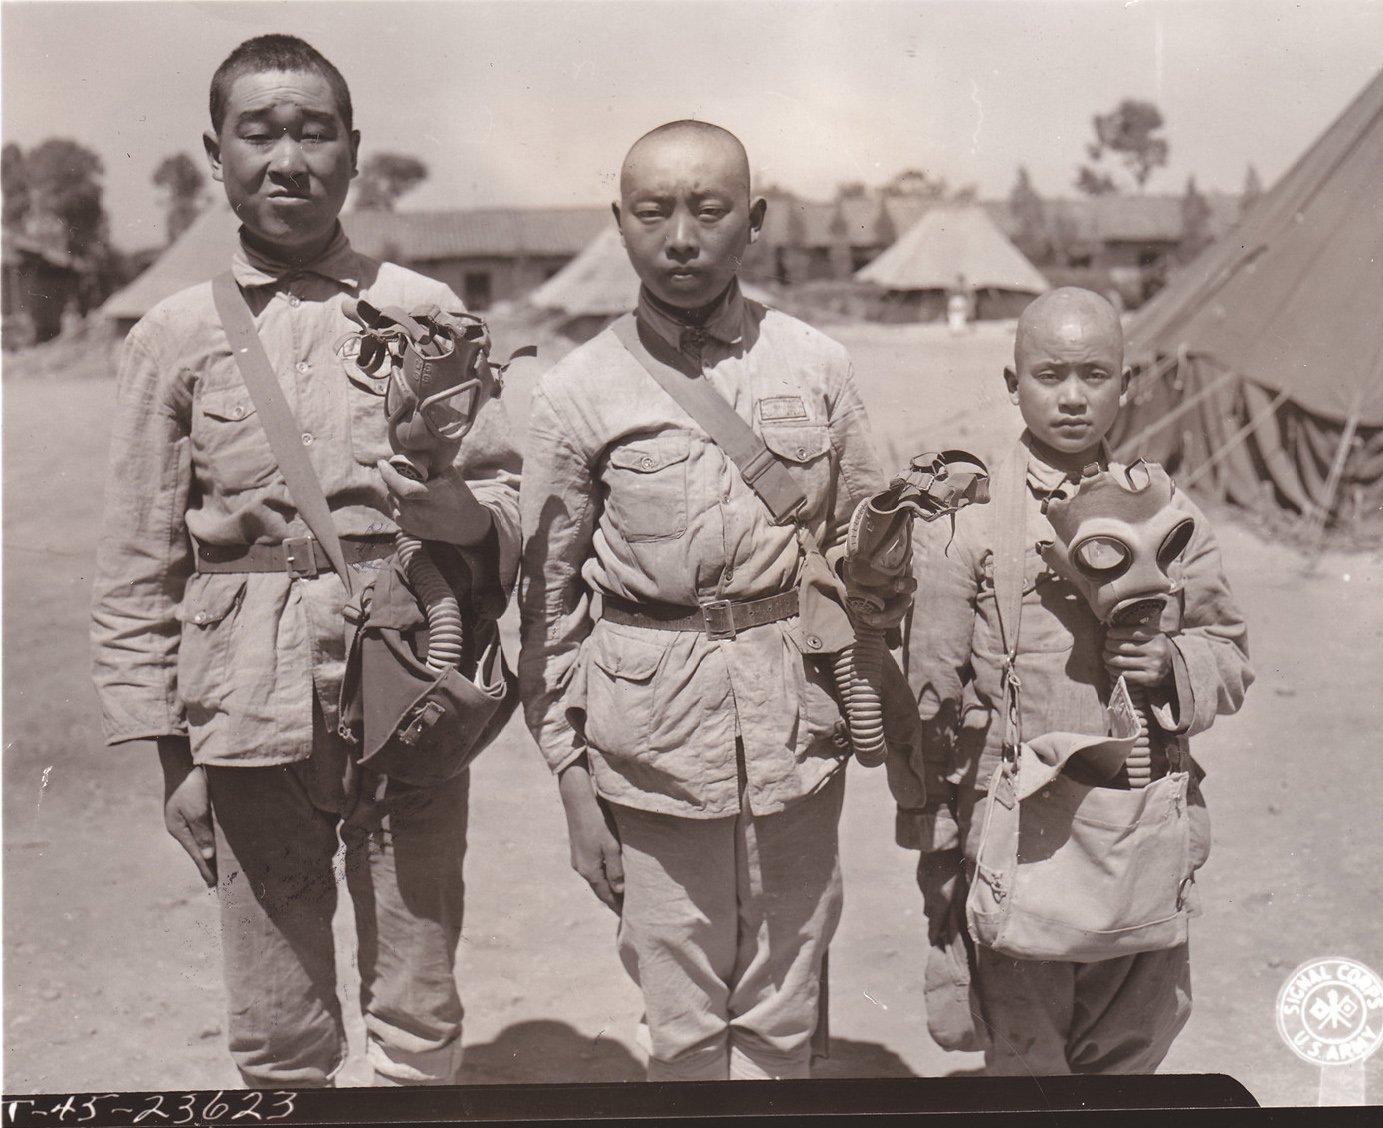 三个脸型大小不同的中国士兵正在测试不同类型的防毒面具。从左到右为:美式轻便型面具,美军现役防毒面具,英国制造防毒面具。西摩・萨摩雷尔一等兵拍摄于中国昆明,1945年4月17日。